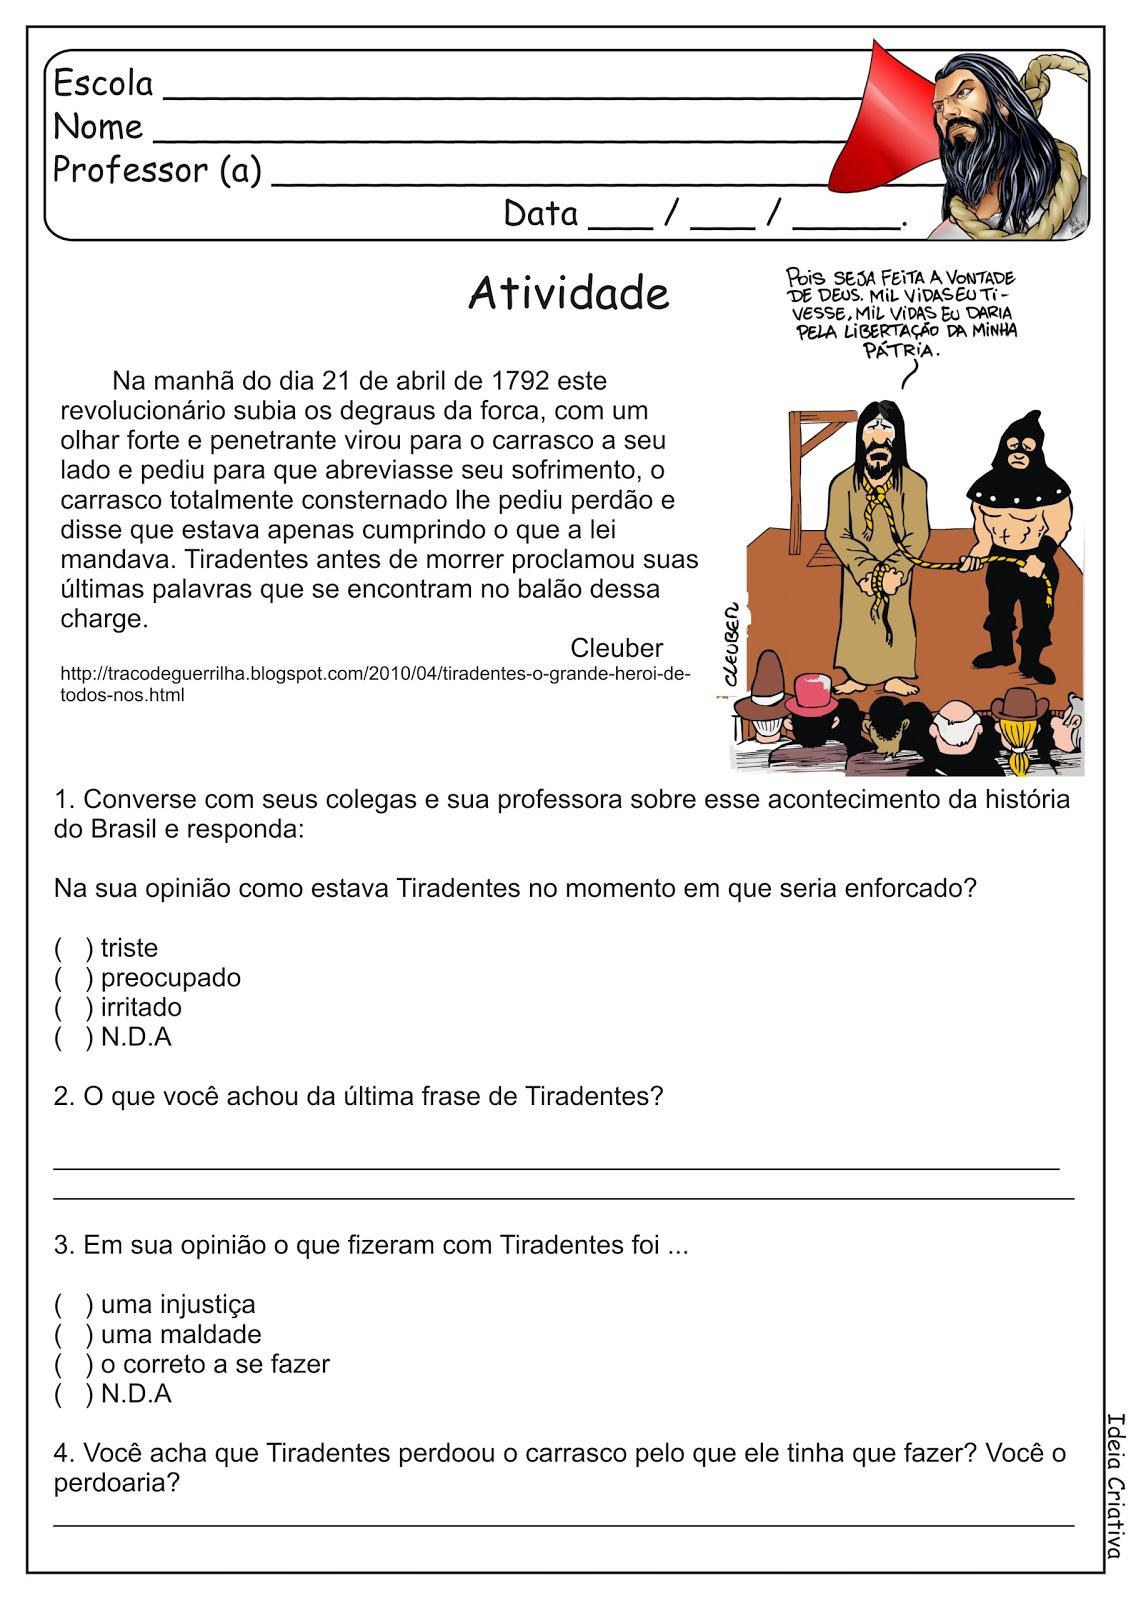 Dia 21 de Abril - Dia de Joaquim José da Silva Xavier o Tiradentes